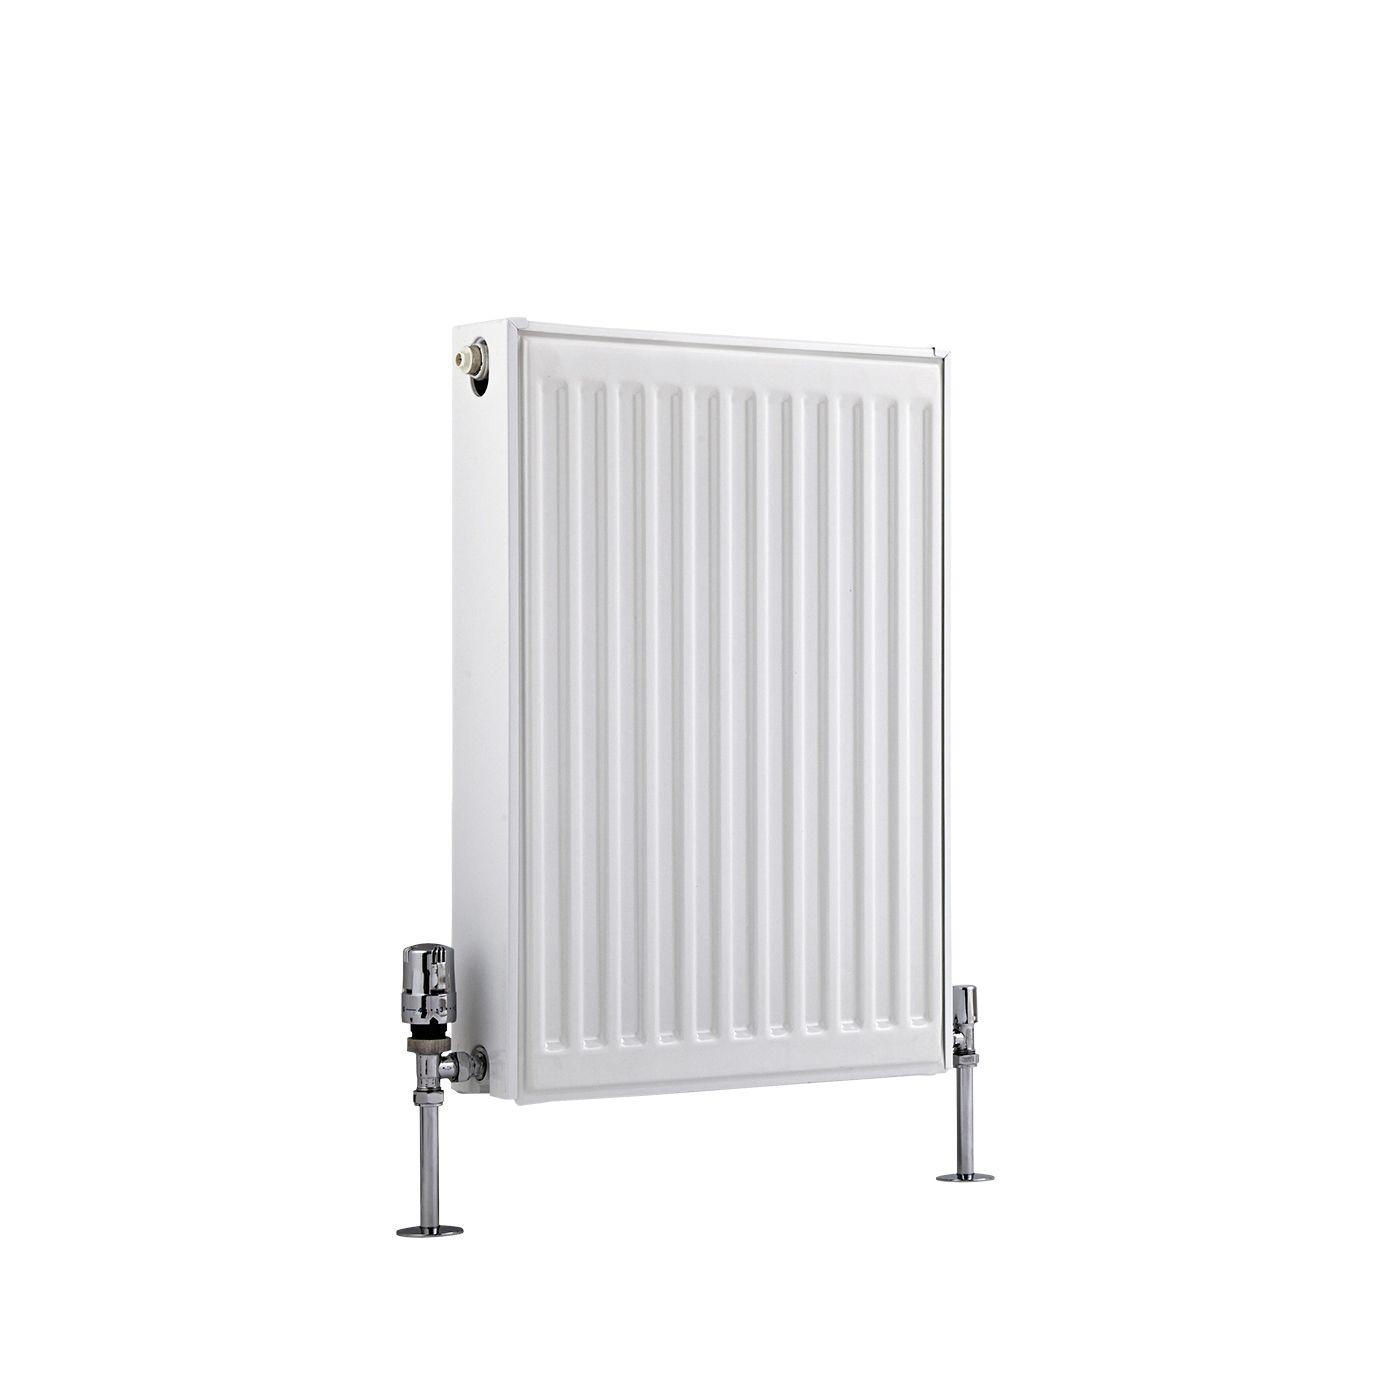 radiateur panneaux type 22 horizontal blanc eco 60cm x 40cm x 10 3cm 704 watts. Black Bedroom Furniture Sets. Home Design Ideas